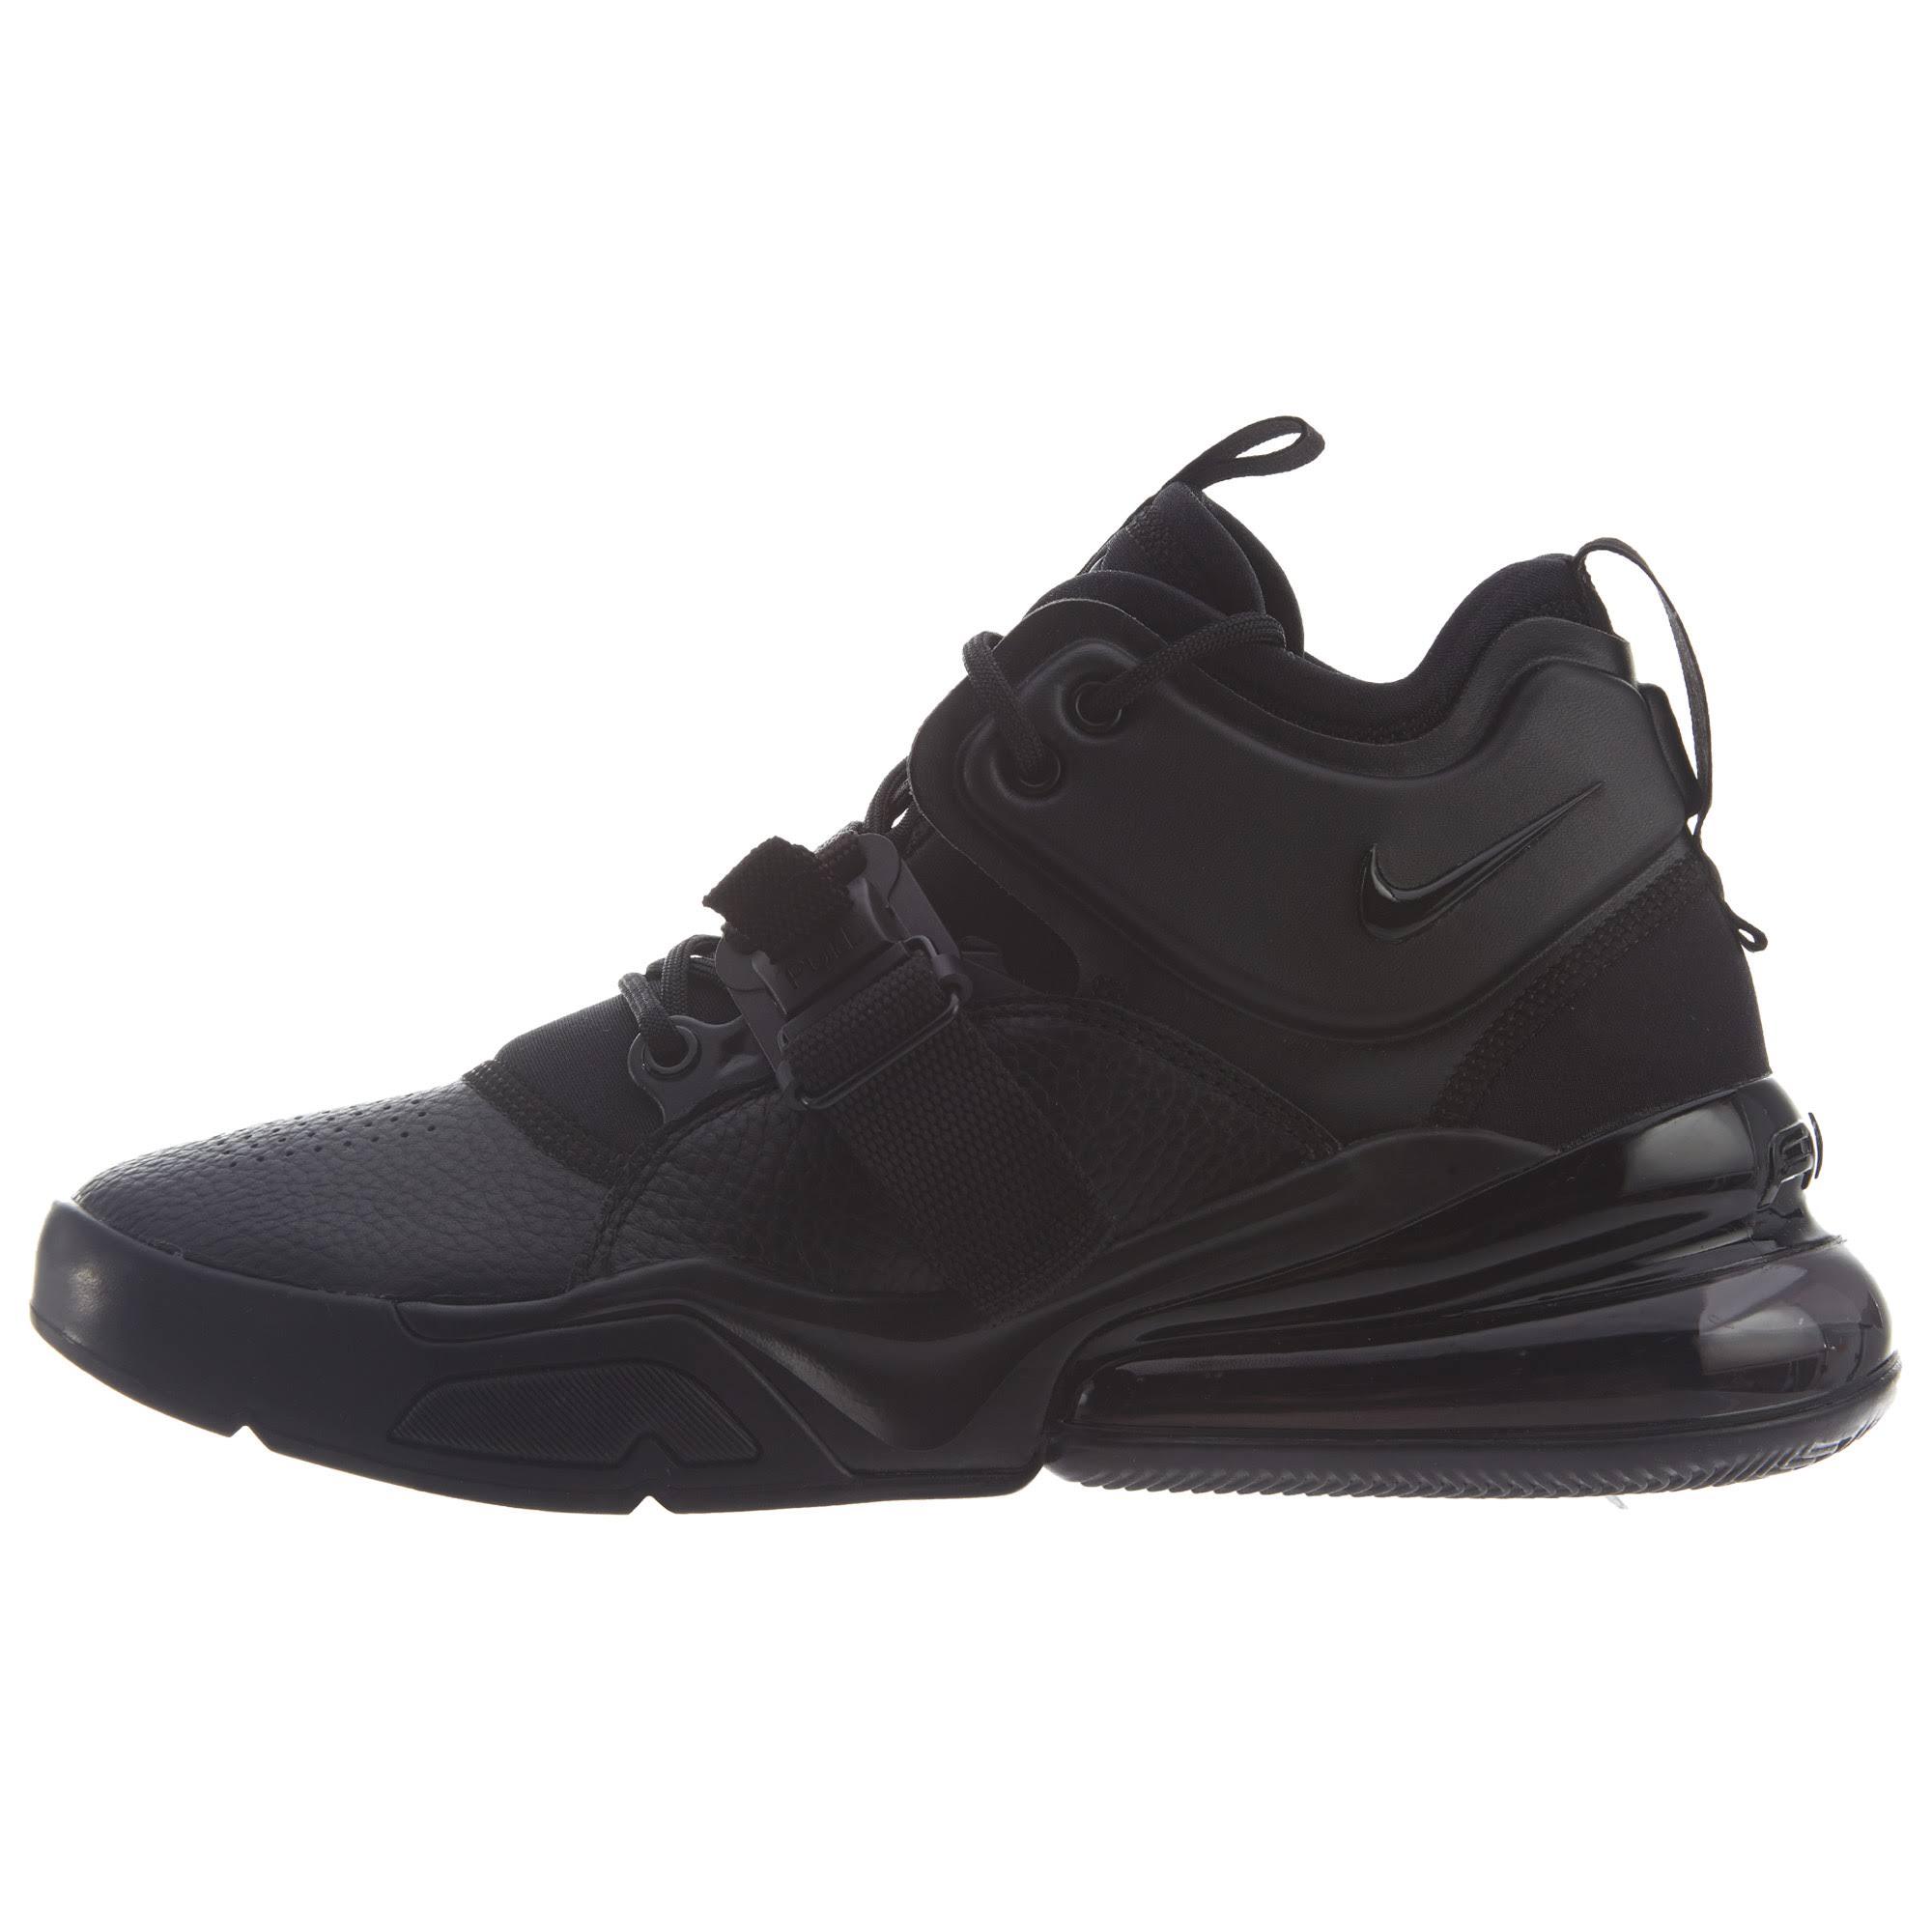 De Zapatillas 010 Ah6772 Force Hombre Nike Para Baloncesto Air Negras 270 Tx1px6dw